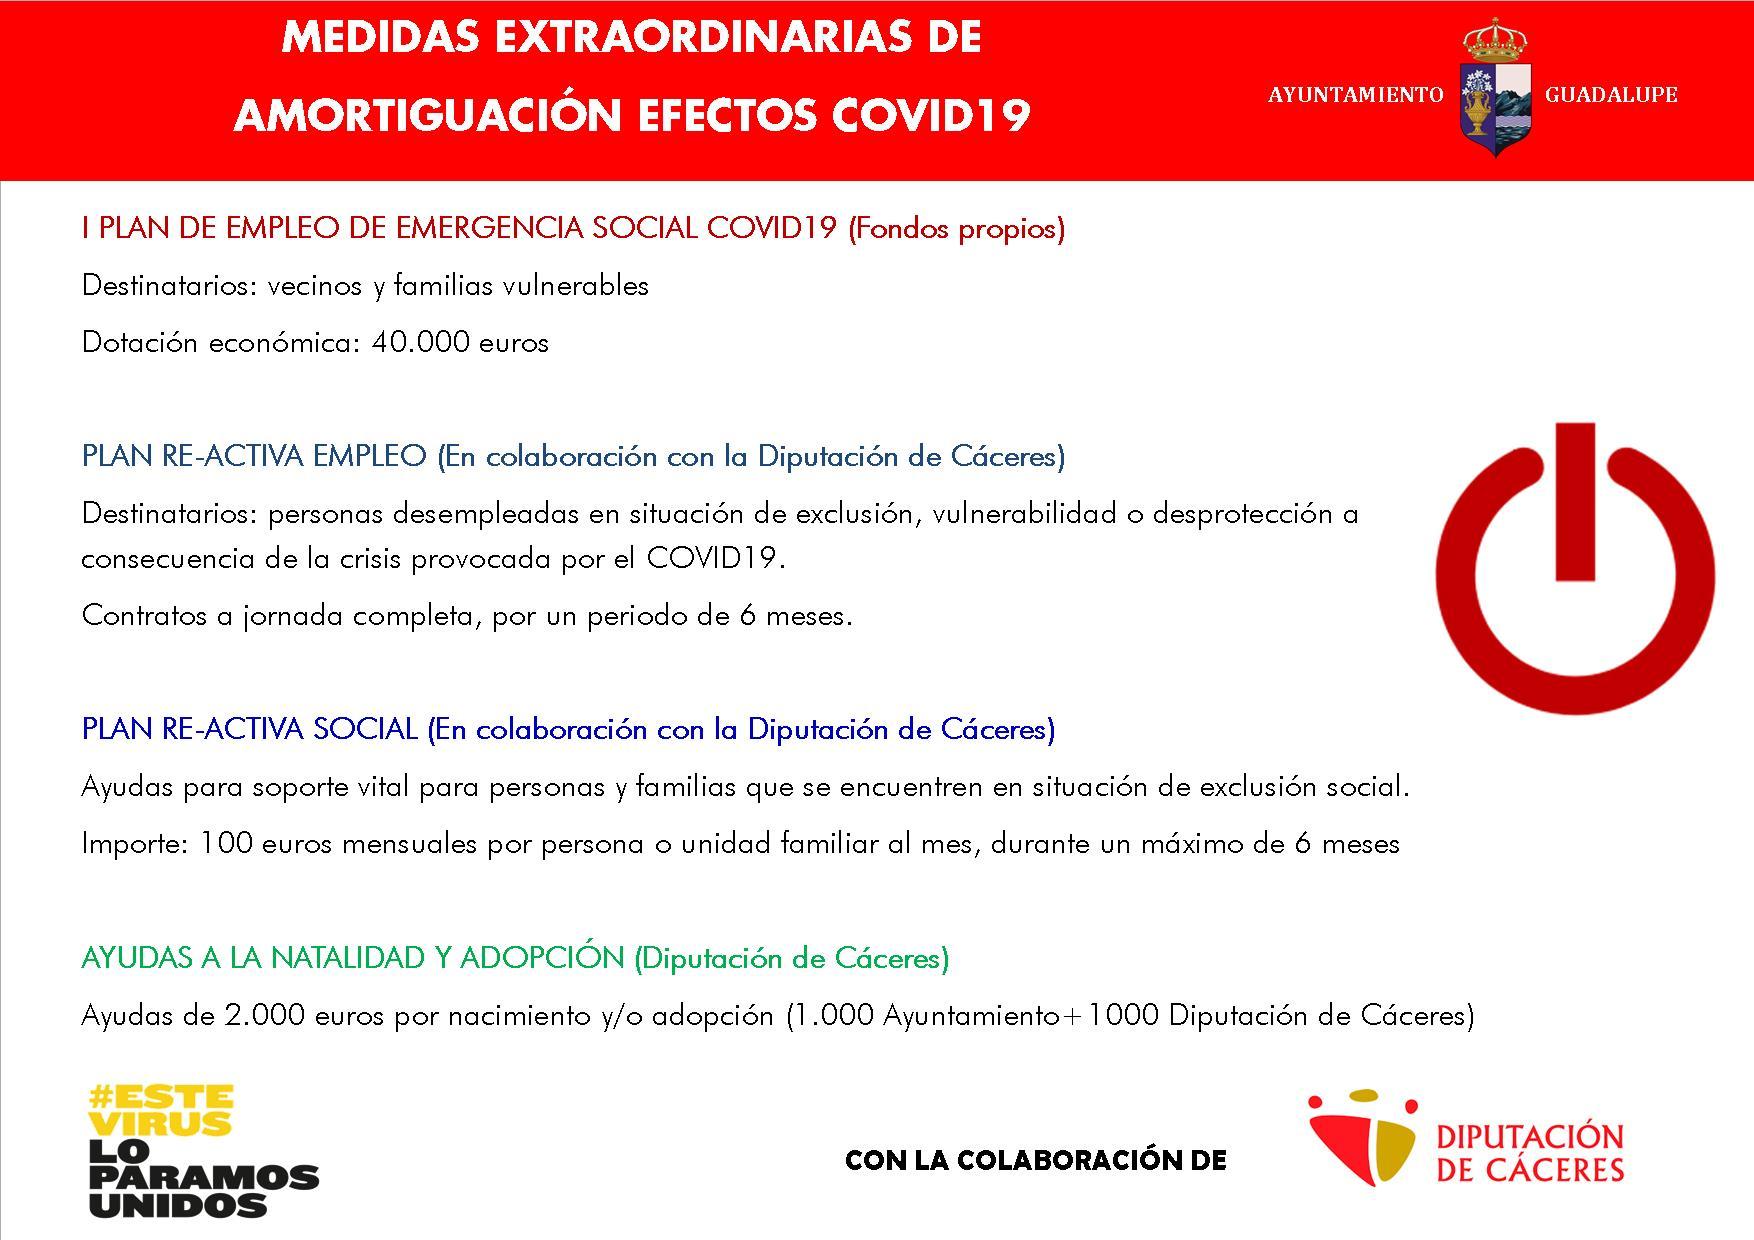 Medidas extraordinarias de amortiguación COVID-19 2020 - Guadalupe (Cáceres)